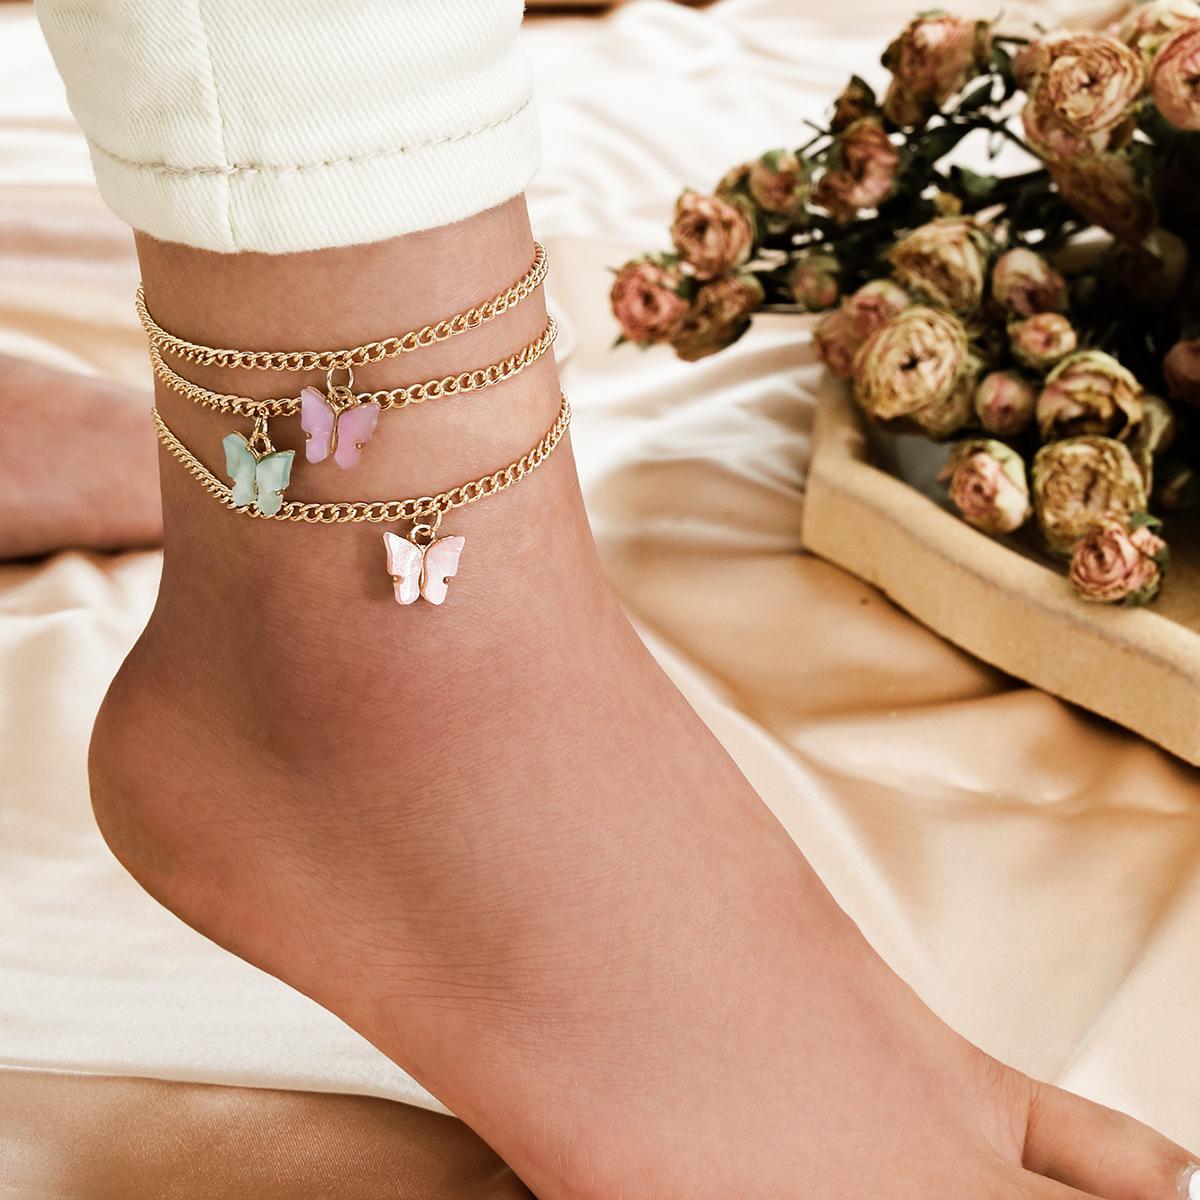 Femmes Bracelets de cheville Chaînes 3PCS Set acrylique papillon Tassel Boho plage Bracelets de cheville Porte-pied jambe Bracelets Pied Bracelet cheville chaîne de bijoux de pied